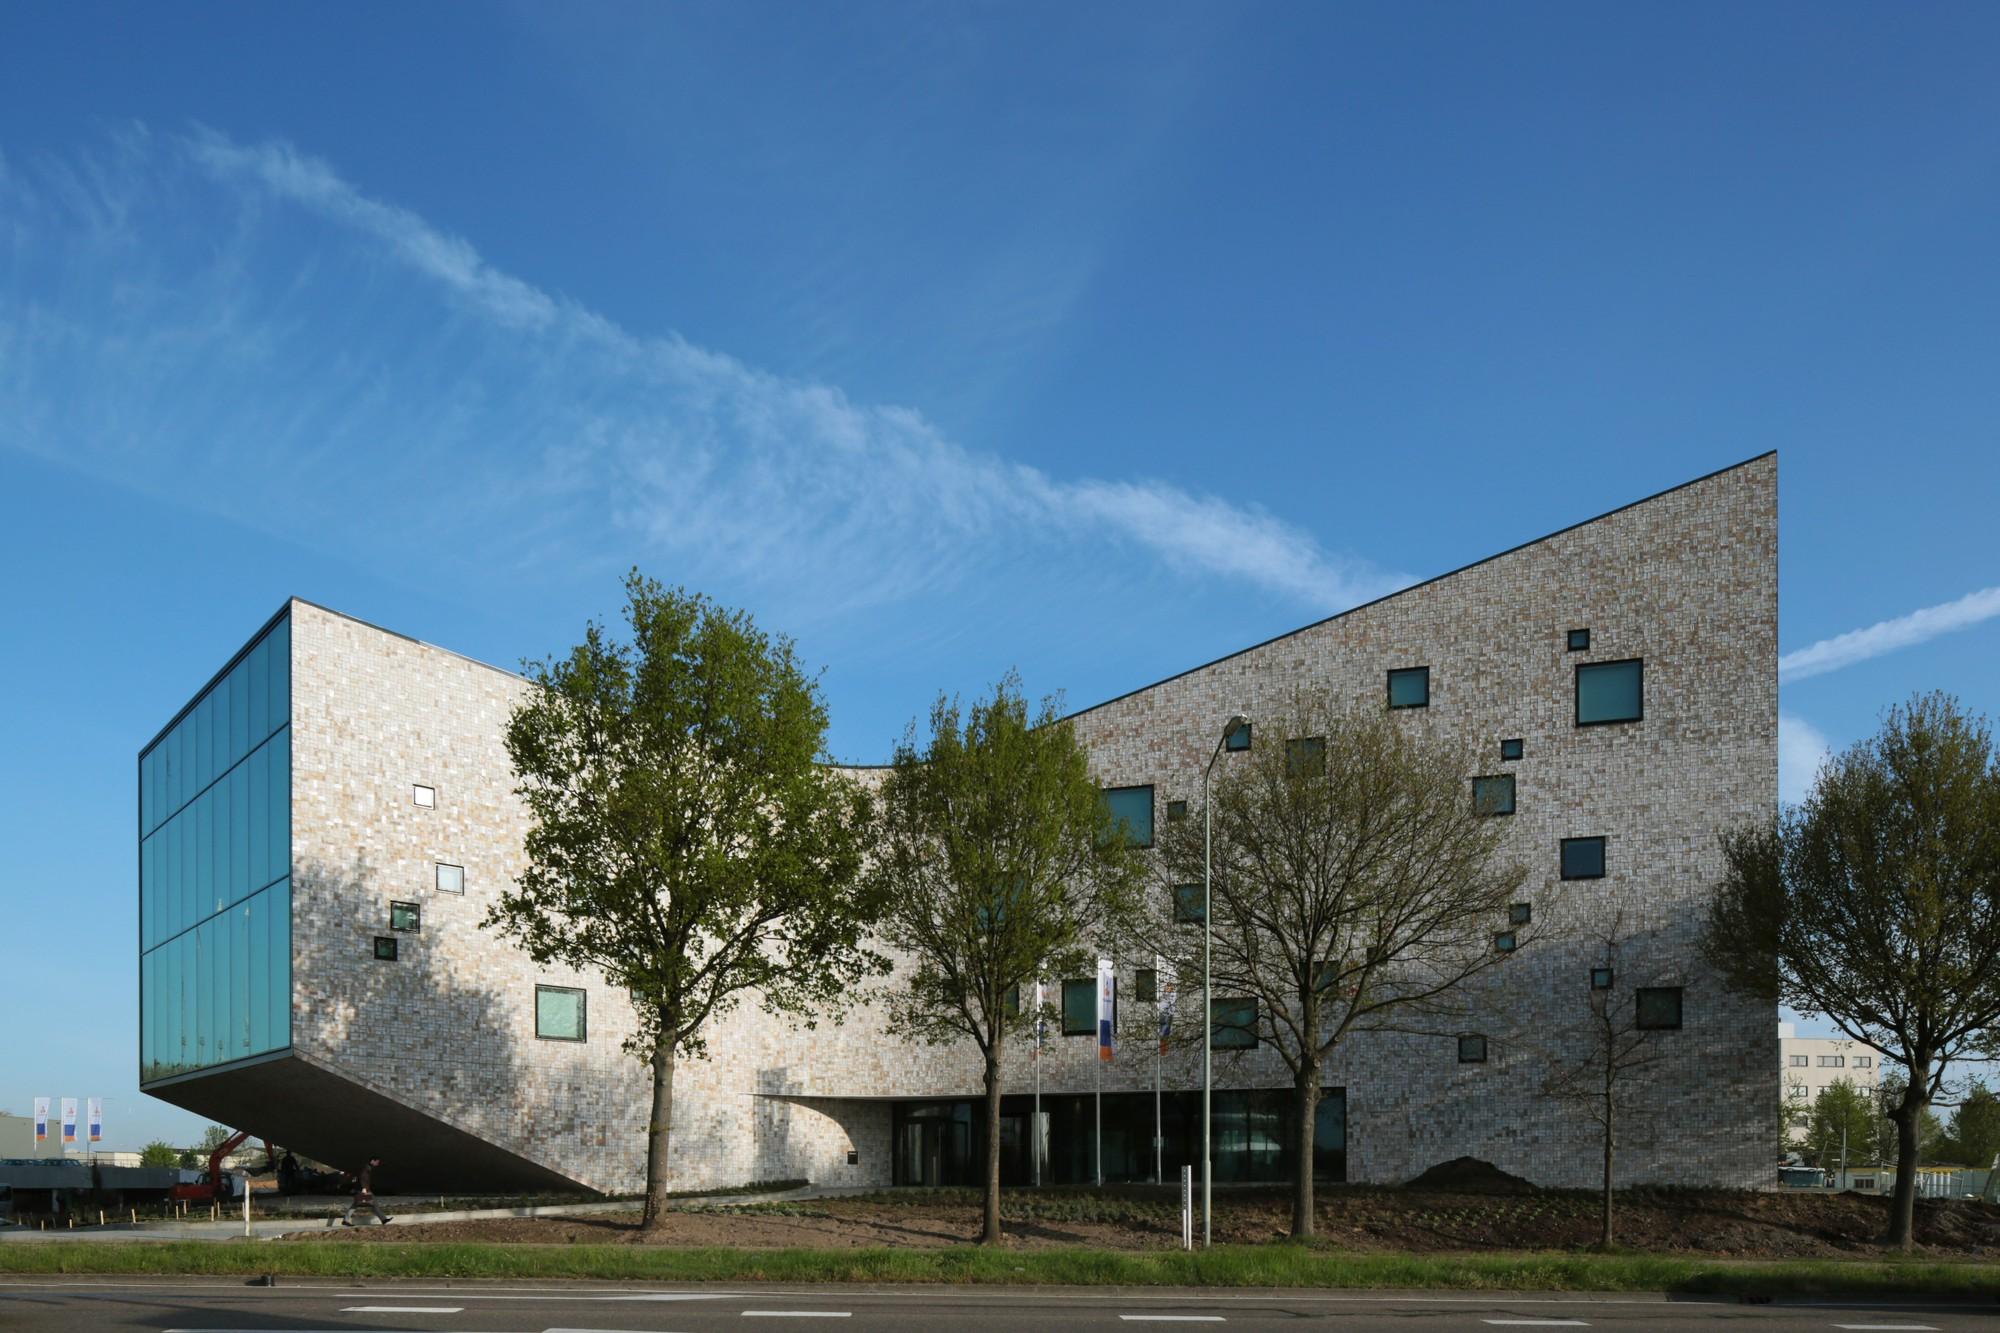 Rabobank Westelijke Mijnstreek Advice Centre / Mecanoo, © Christian Richters